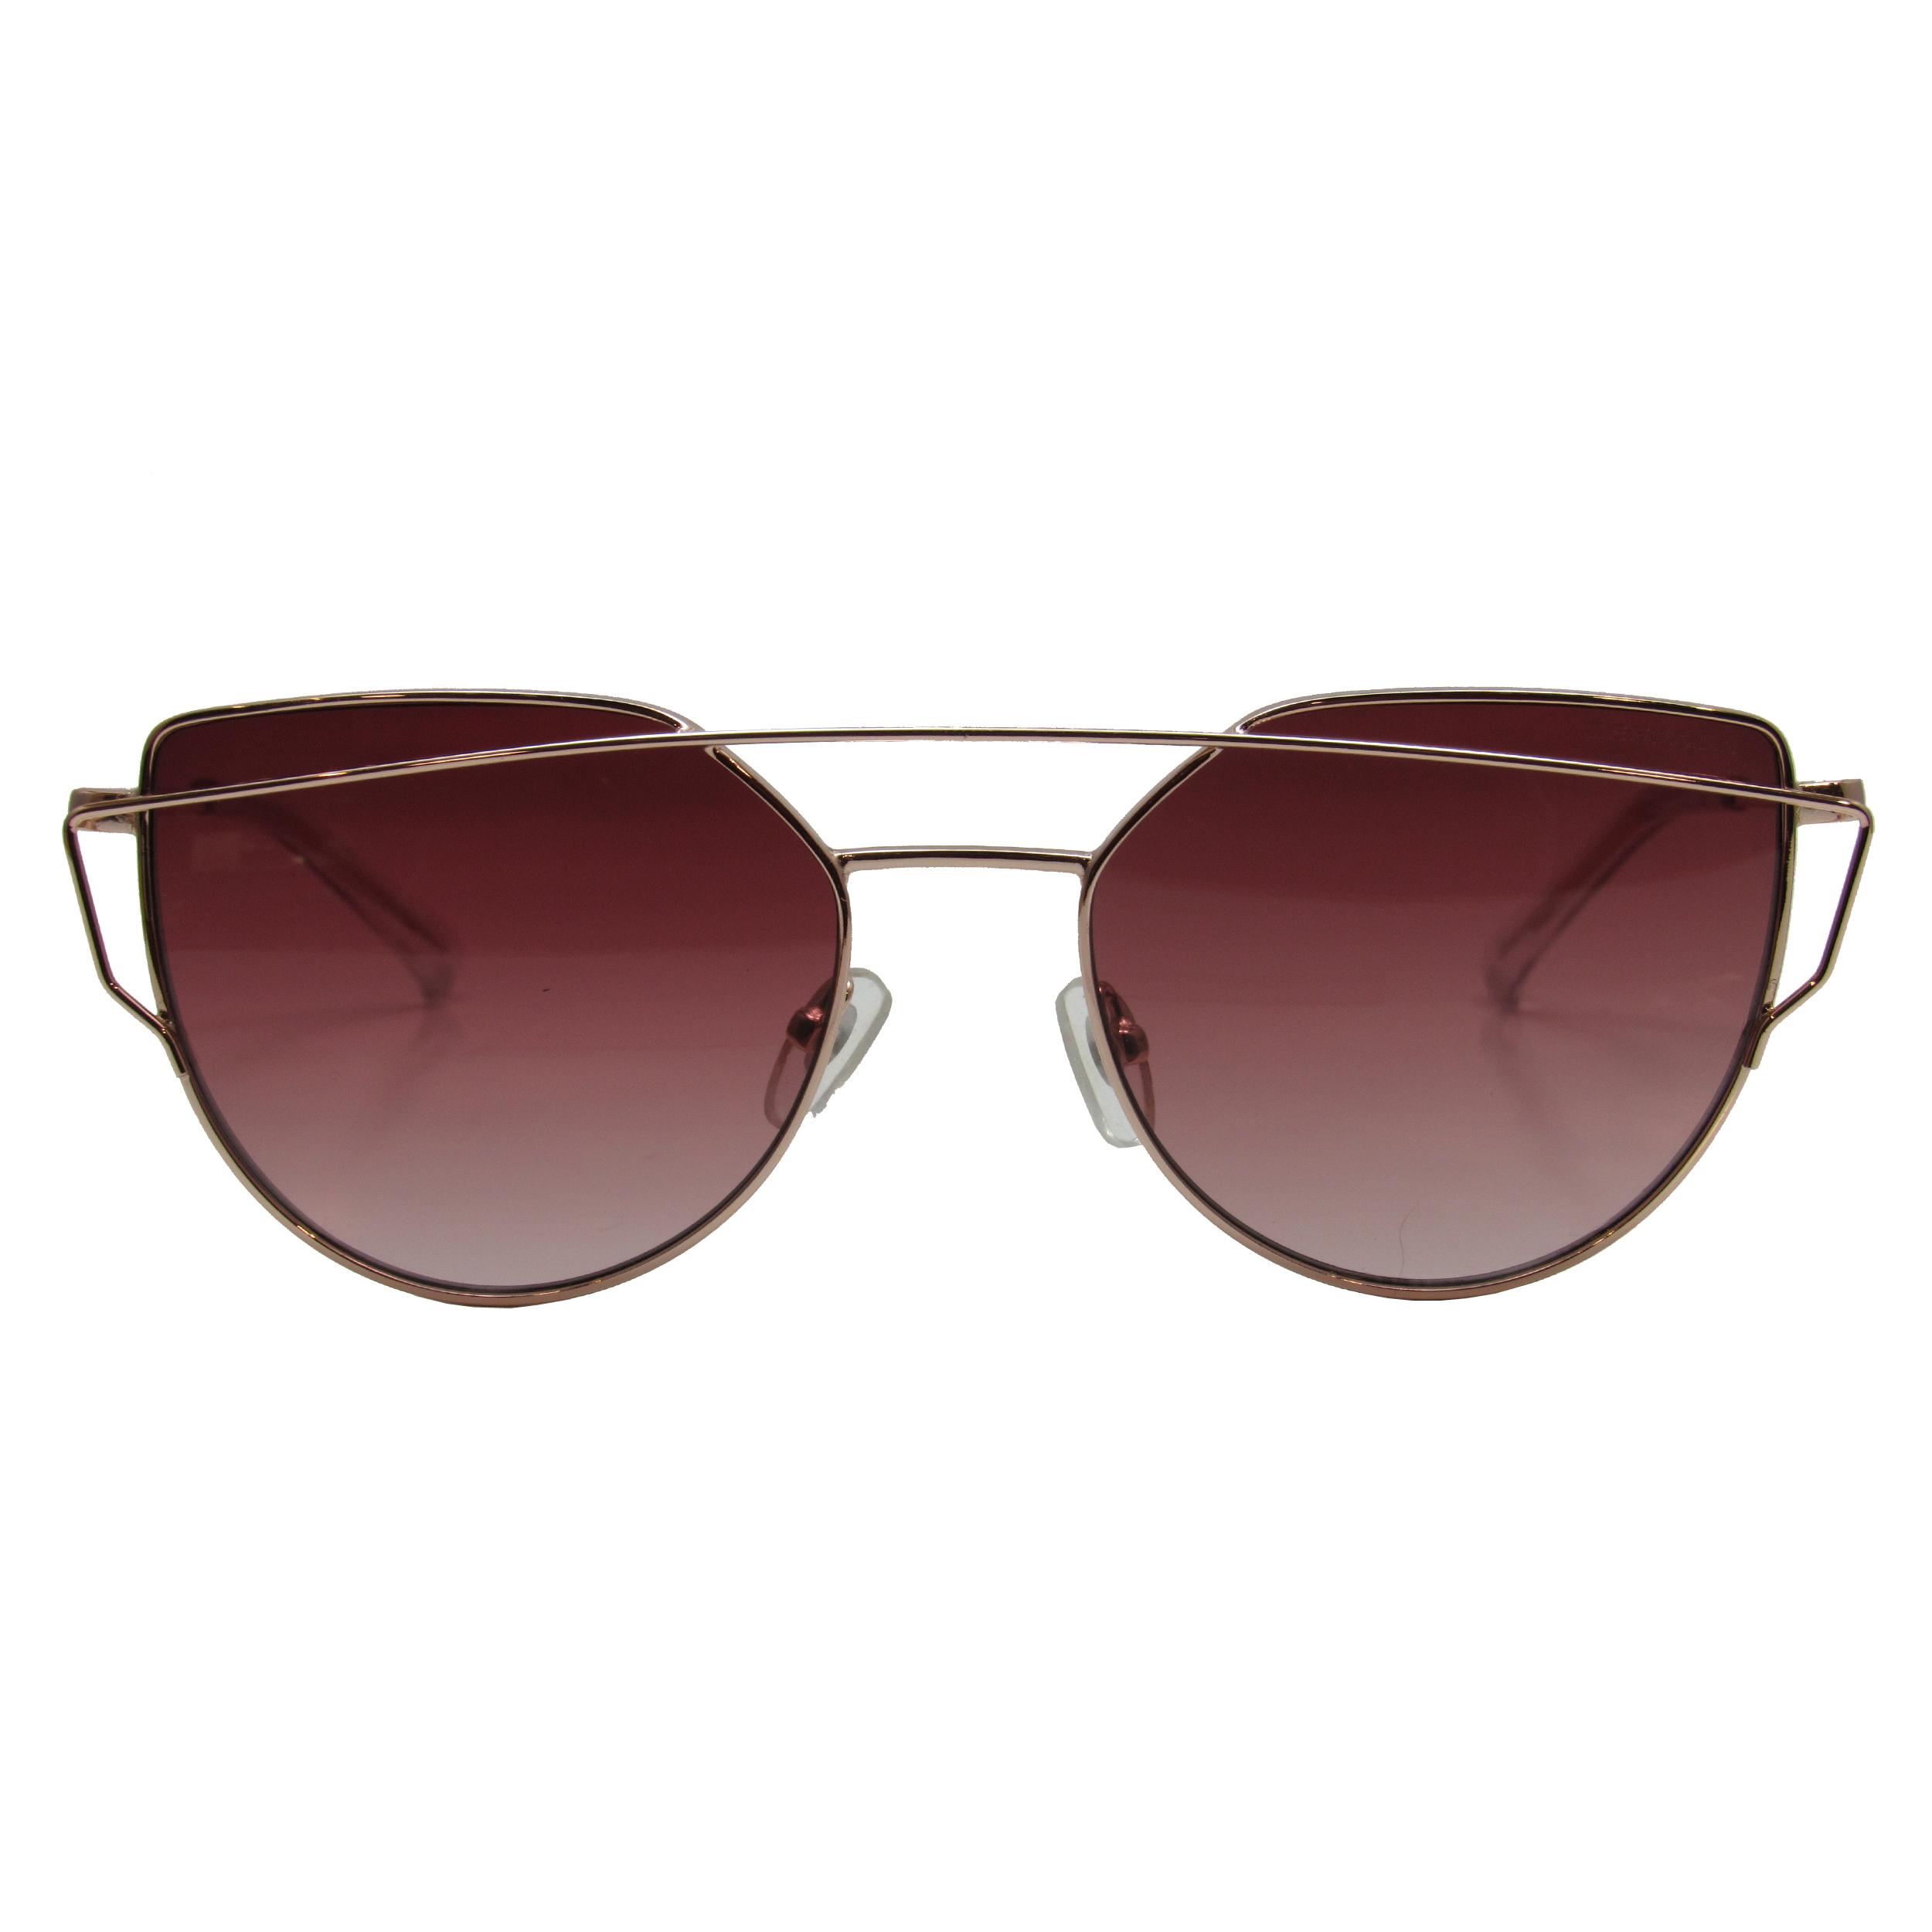 عینک آفتابی زنانه دسپادا مدل DS1517 - C1